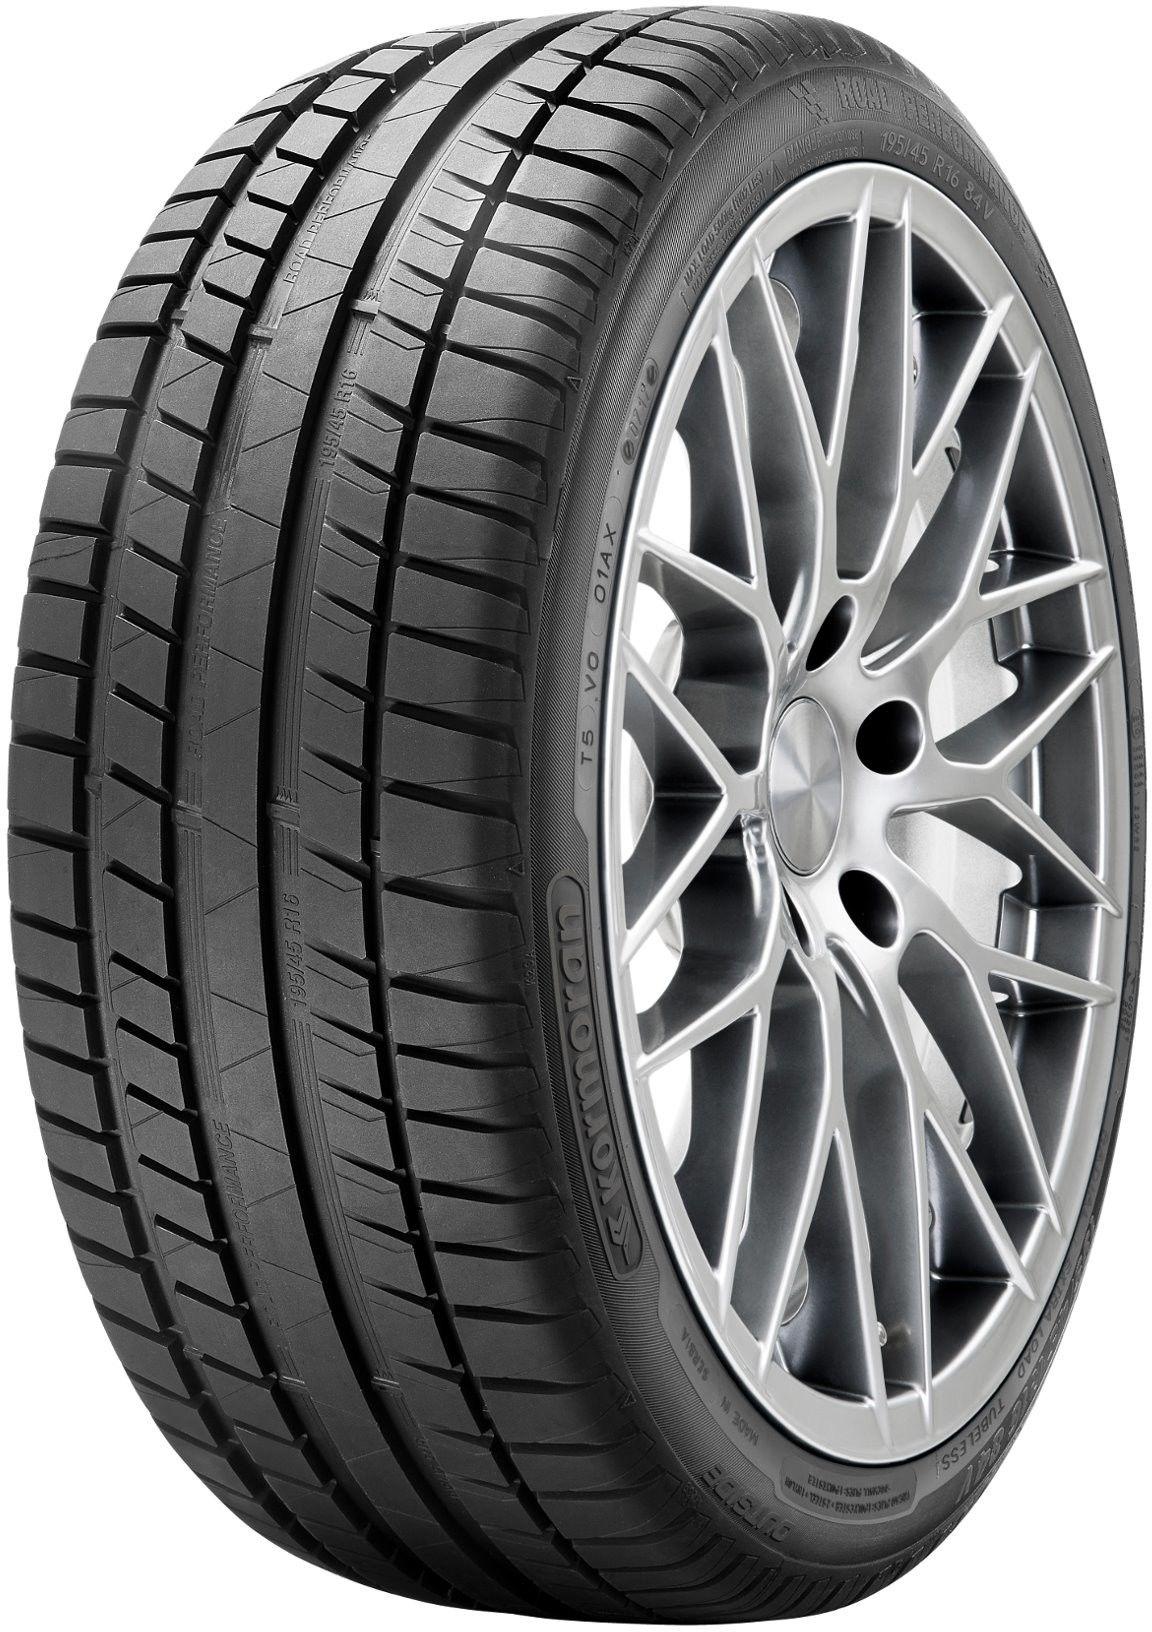 Kormoran Road Performance 185/65R15 88 T